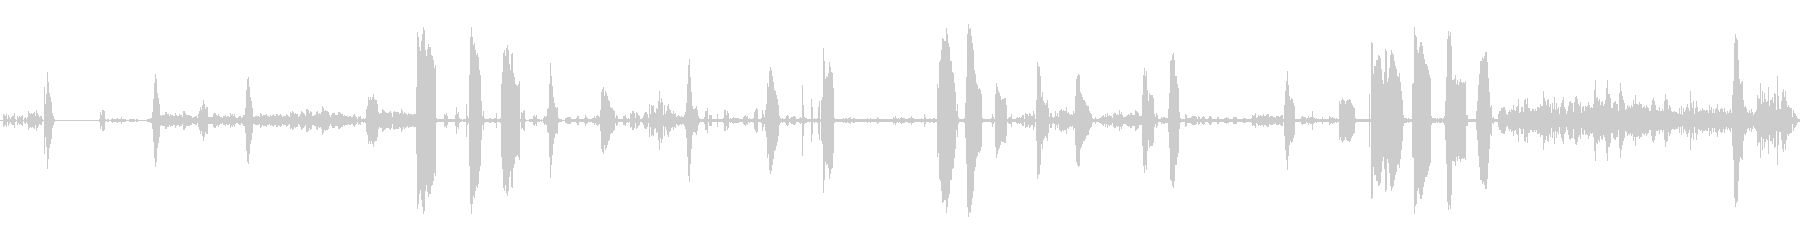 子猫のゴロゴロと鳴くの未再生の波形